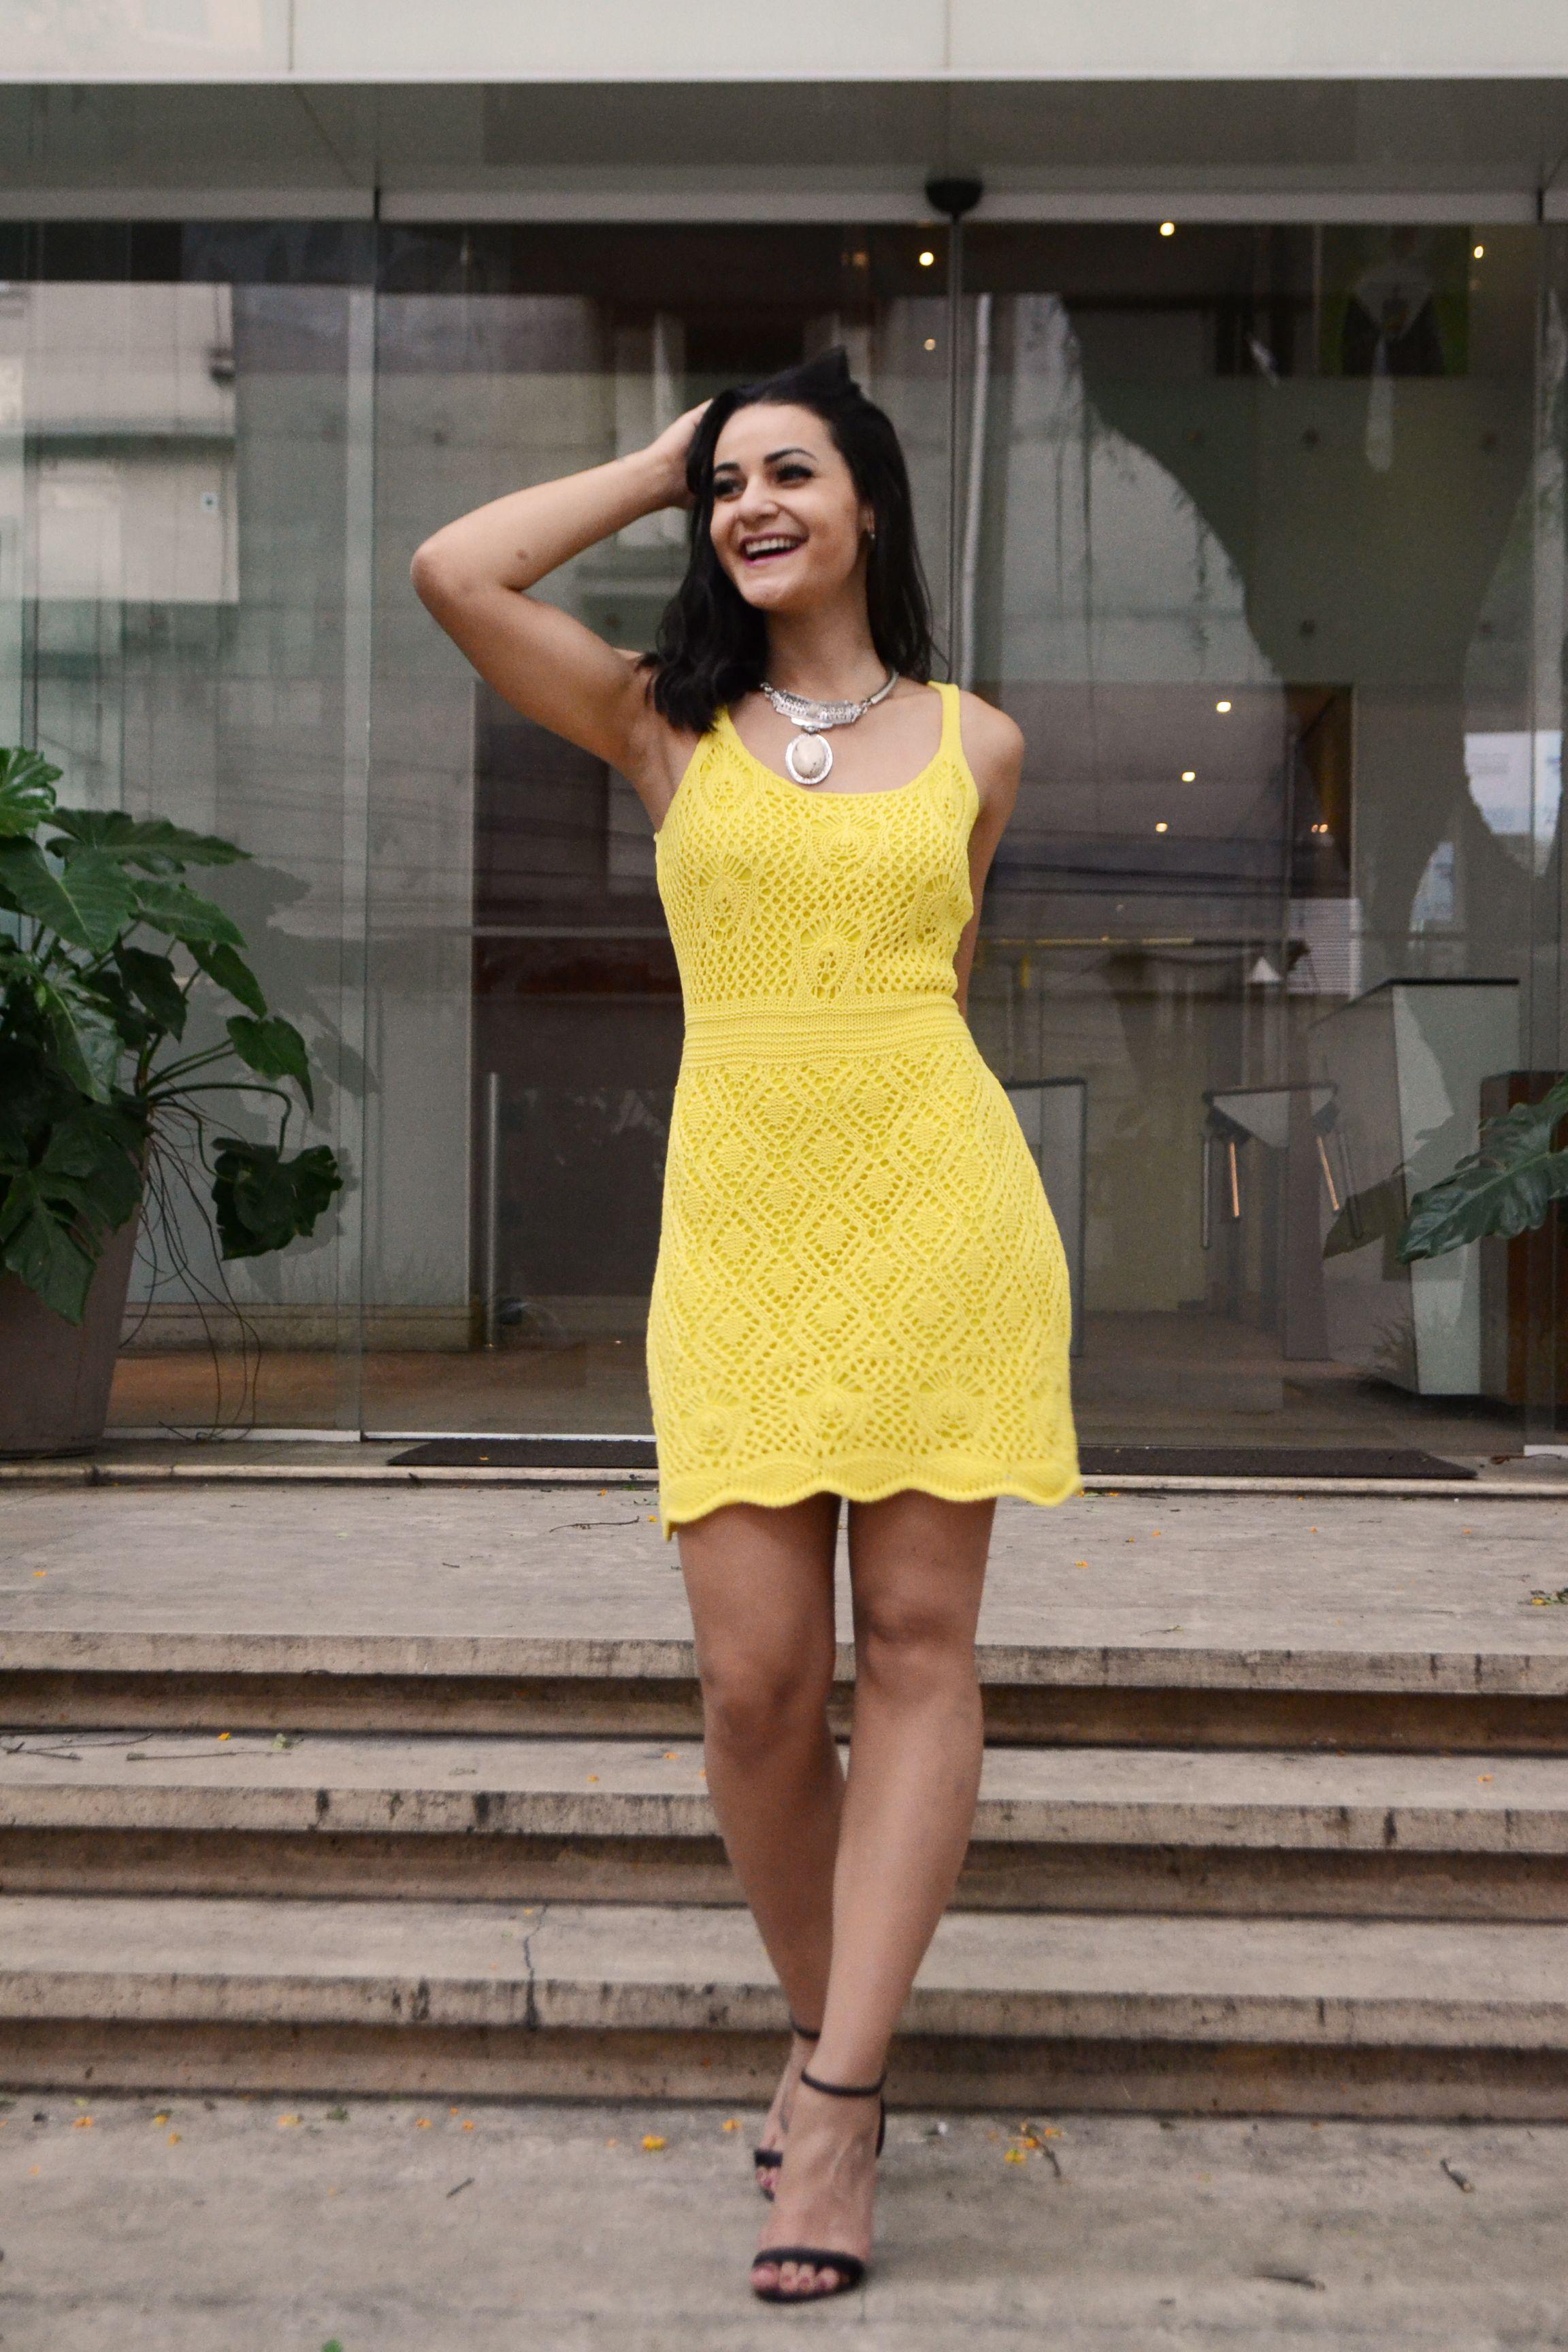 d6a89b6a2 VESTIDO DE CROCHÊ AMARELO- VESTIDO AMARELO PARA O VERÃO- SUMMER- VESTIDO  AMARELO CURTO- vestido do brás- vestido curto amarelo